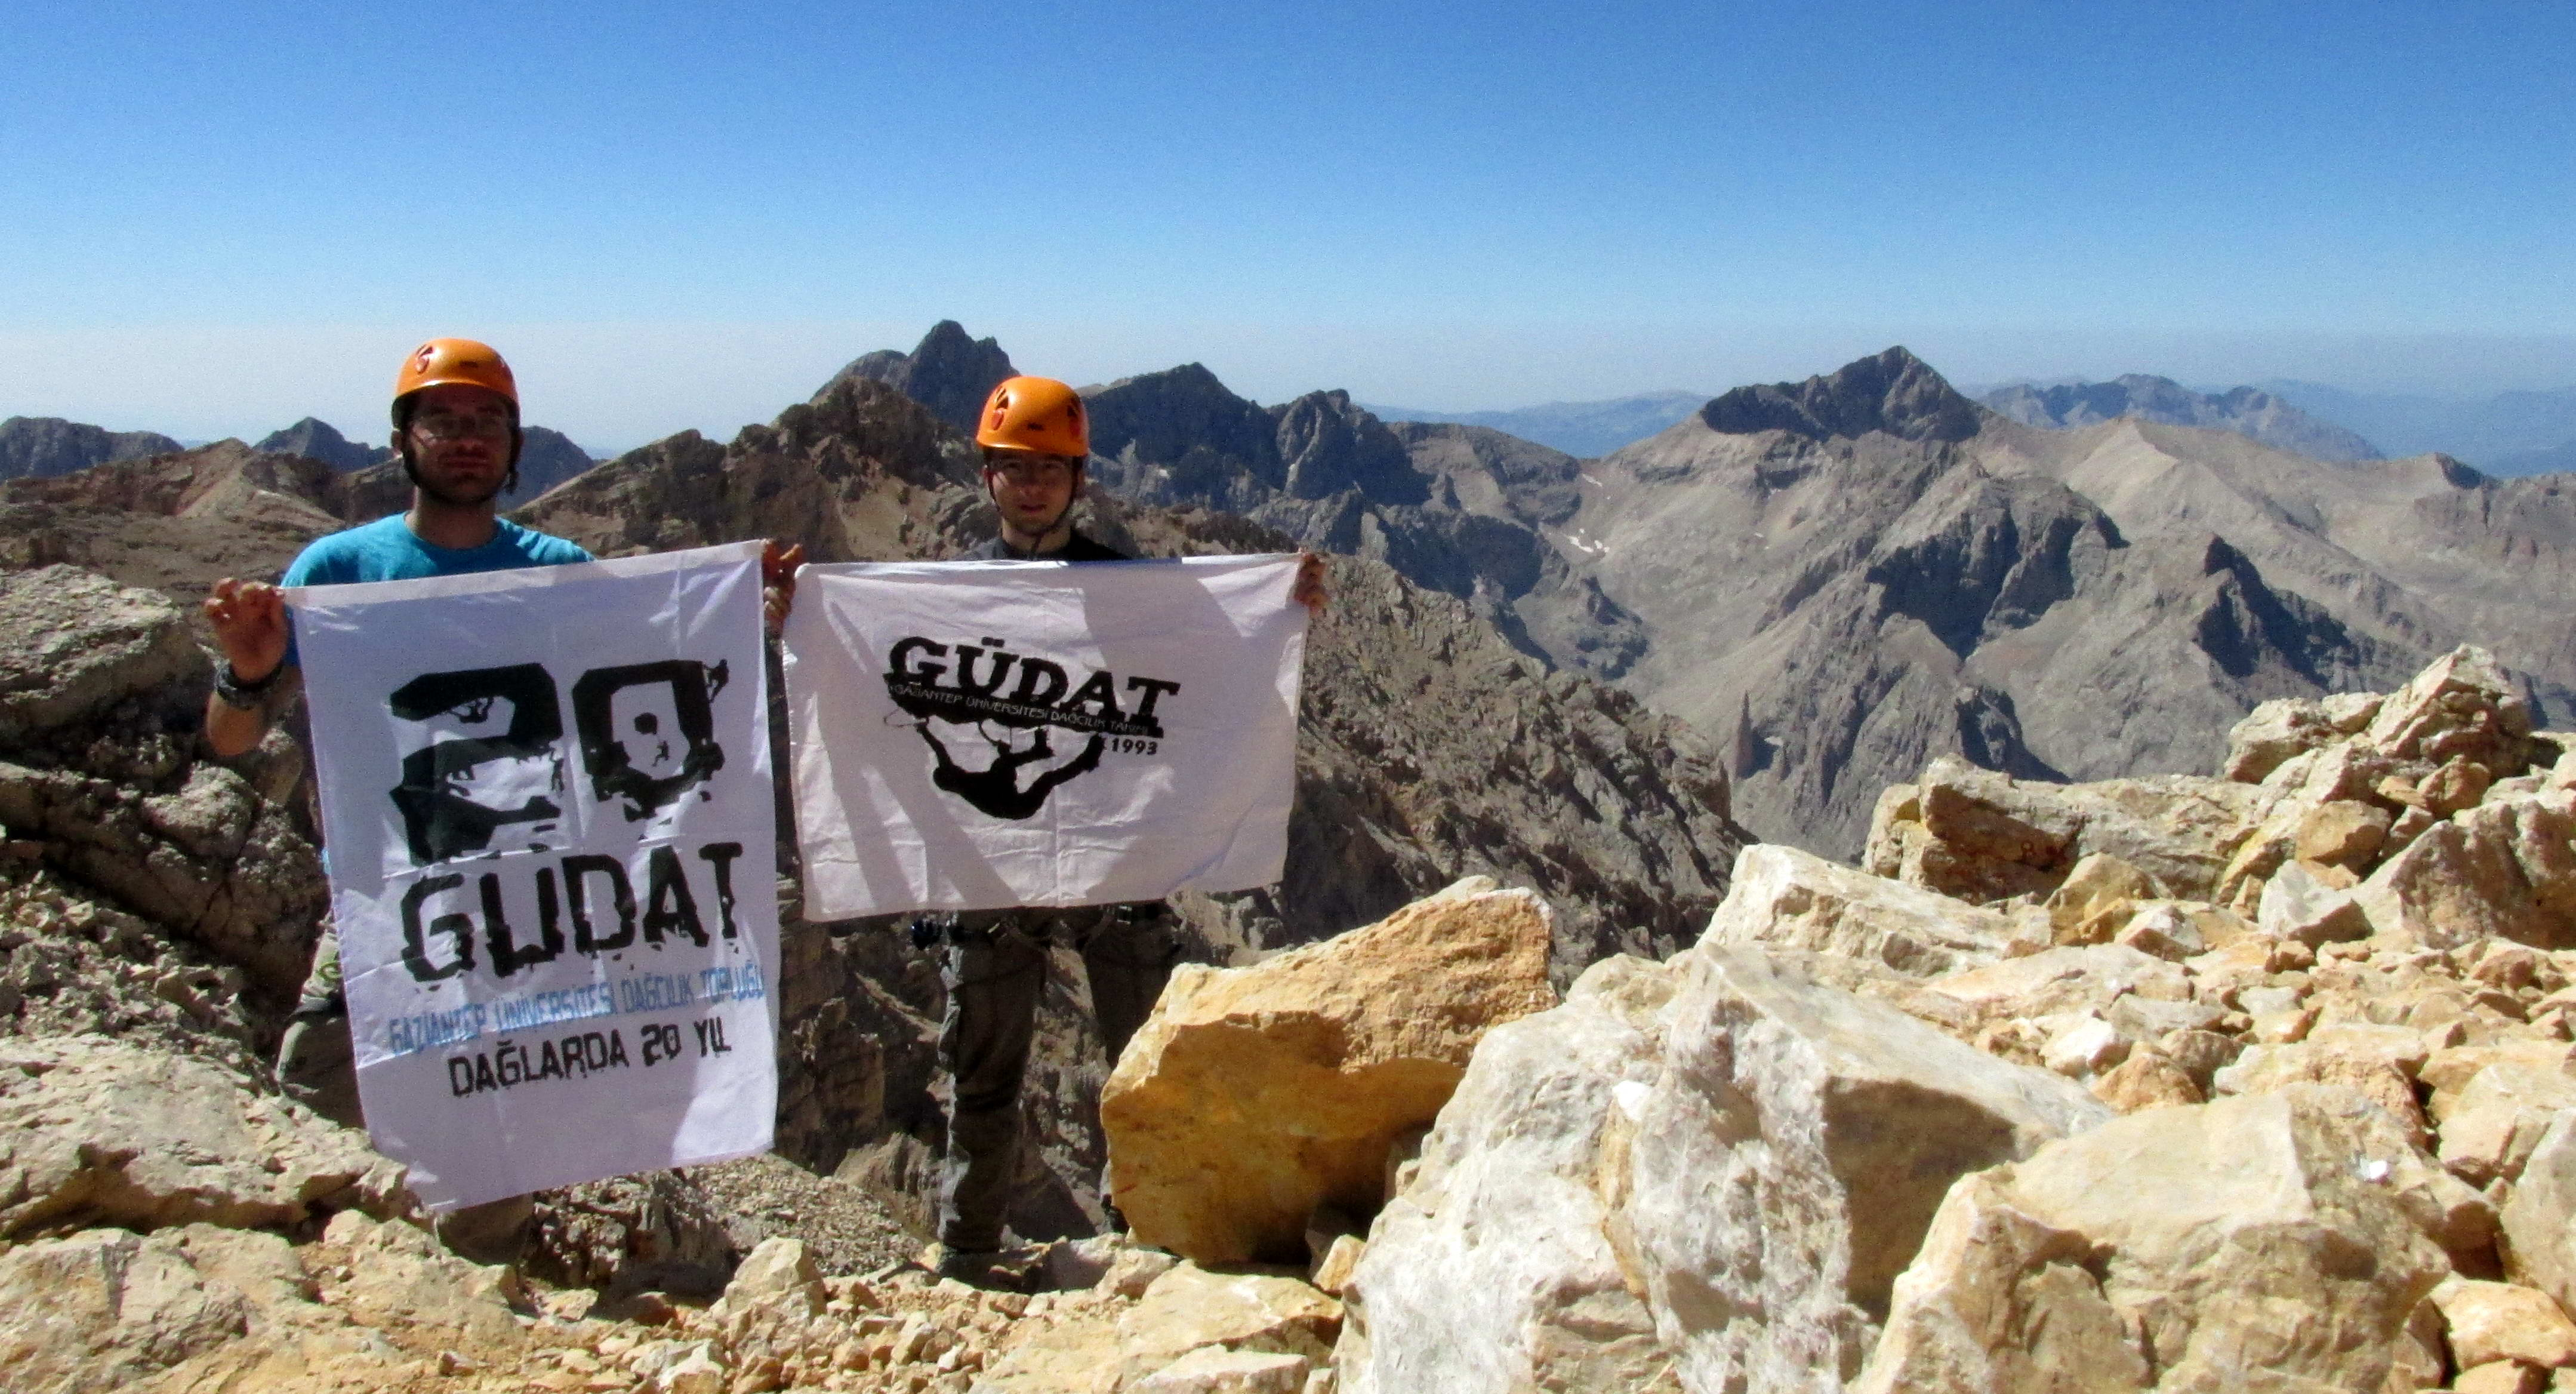 371-GÜDAT Ekibi Dağların Zirvesinde (1)